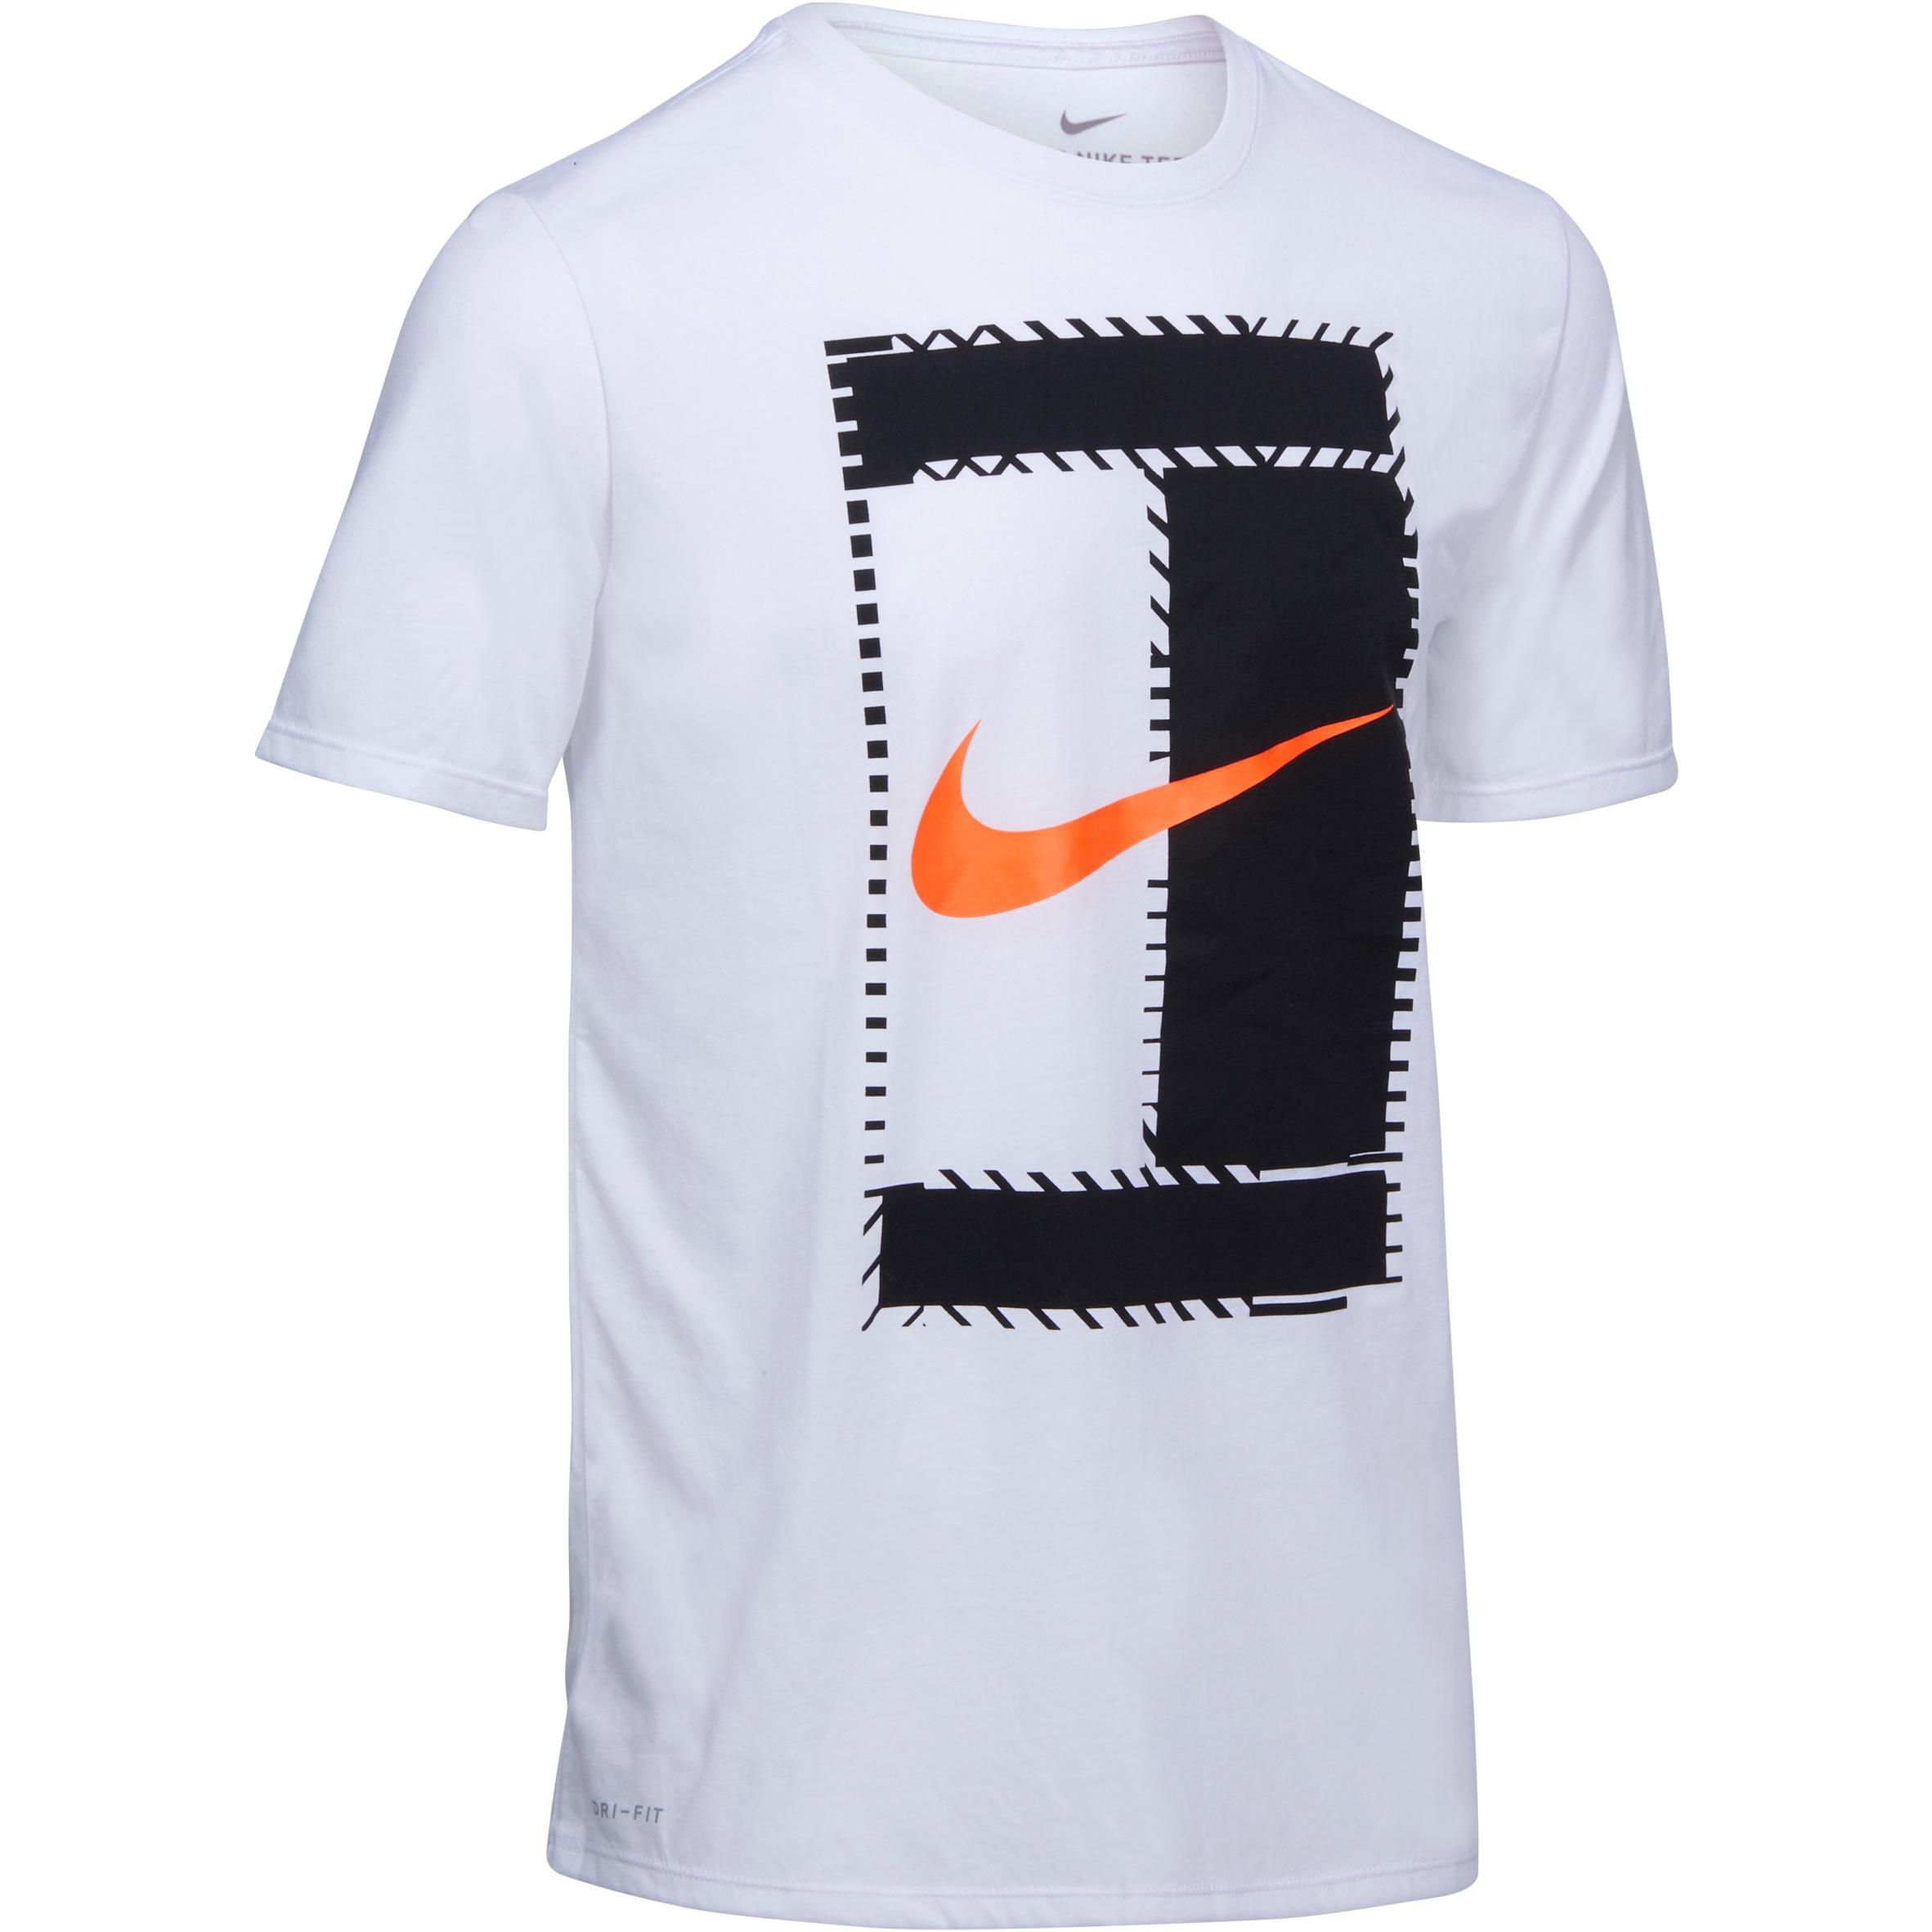 tee shirt tennis nike